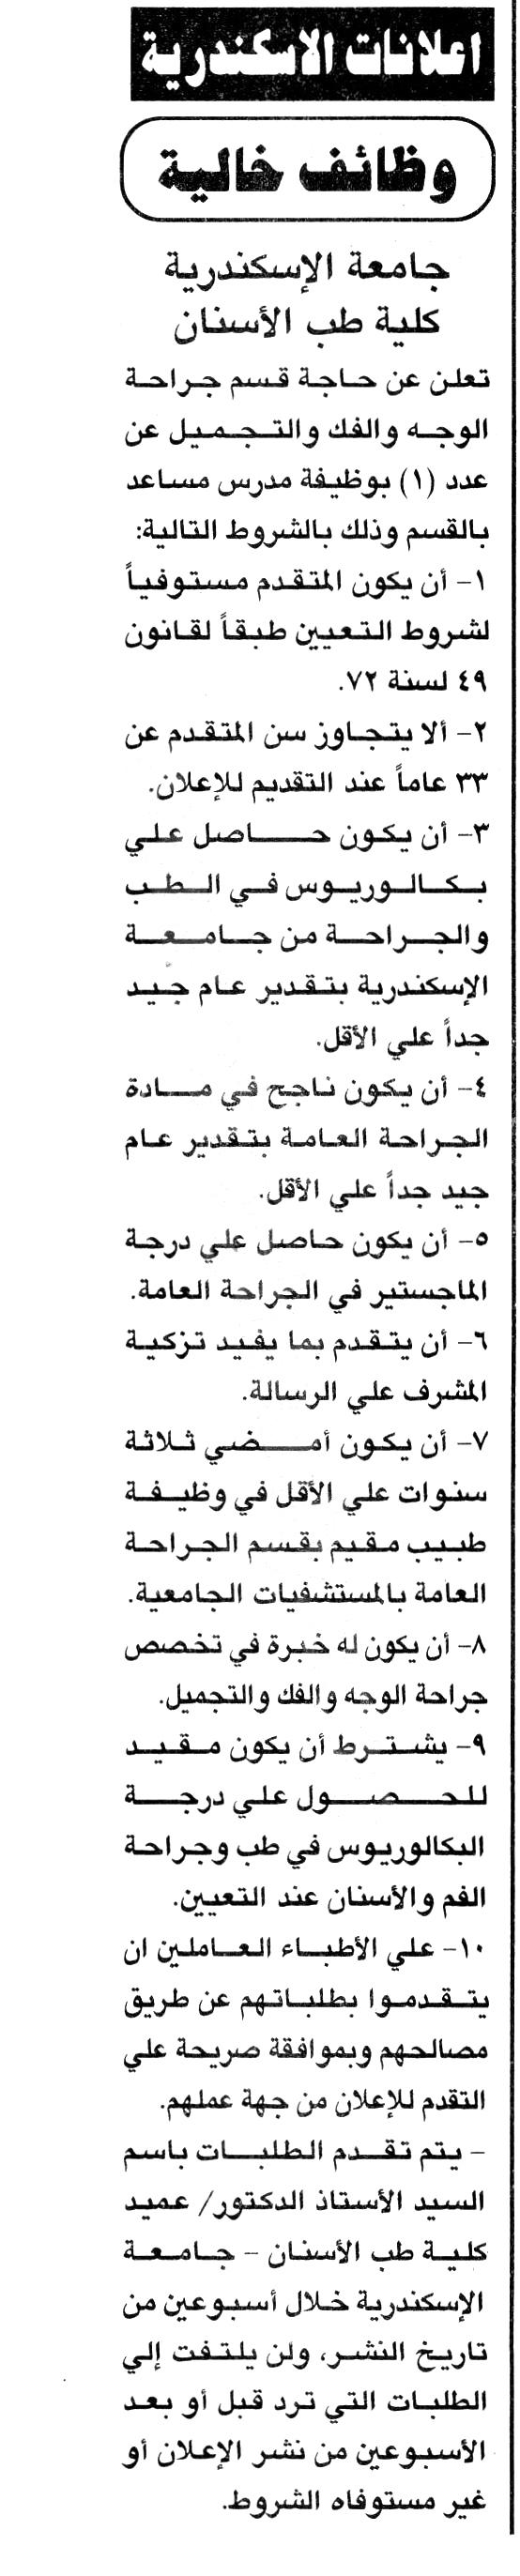 وظائف جامعة الاسكندرية 2019 2